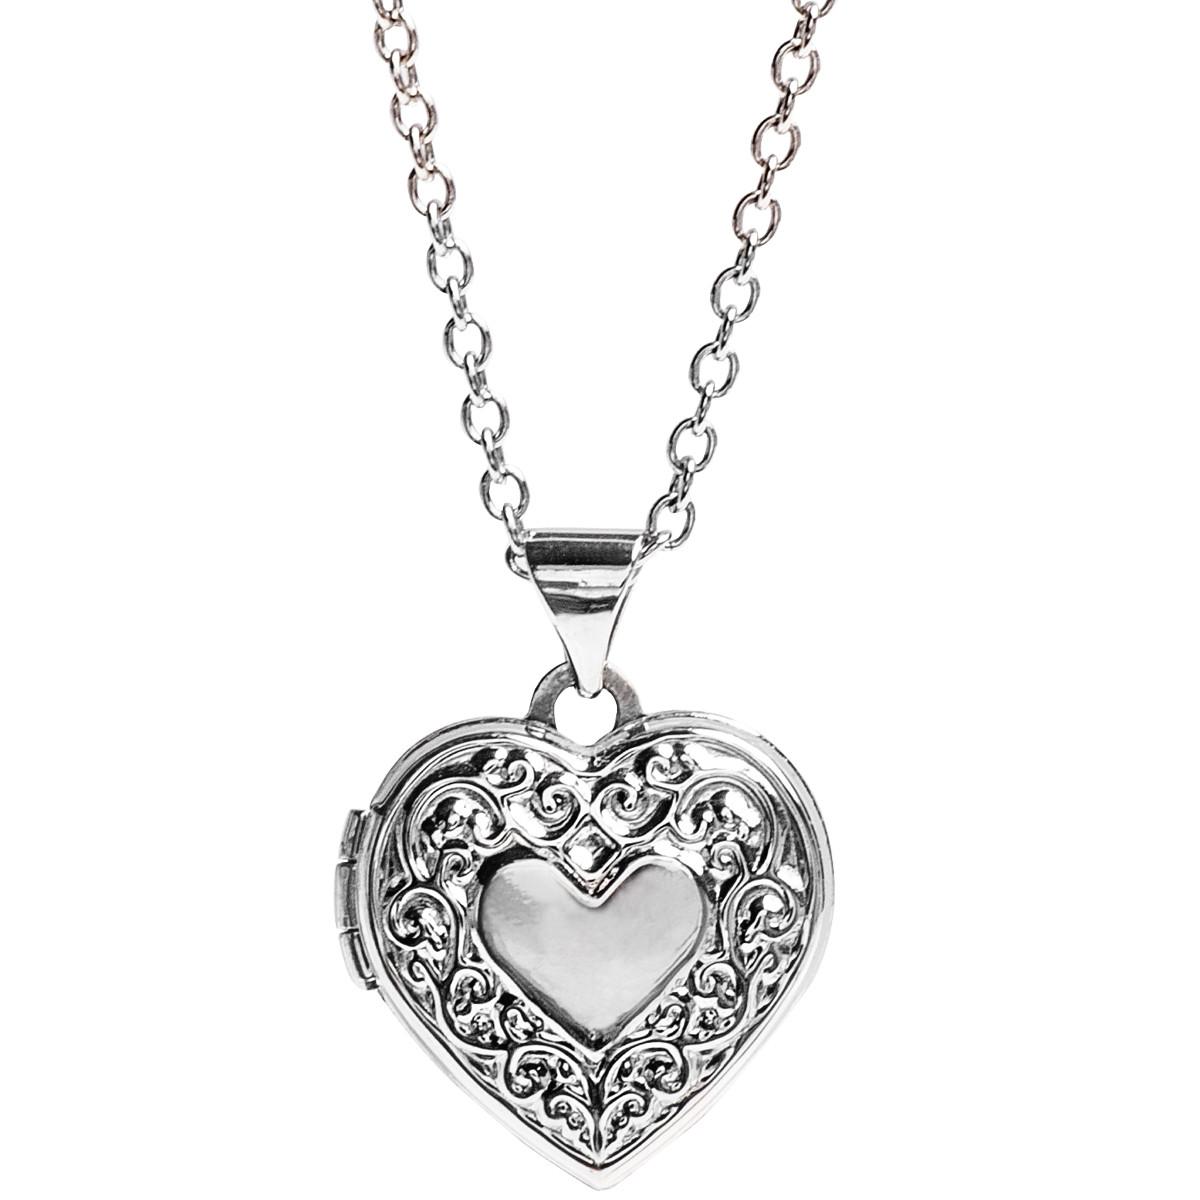 New 14K White Gold Heart Locket